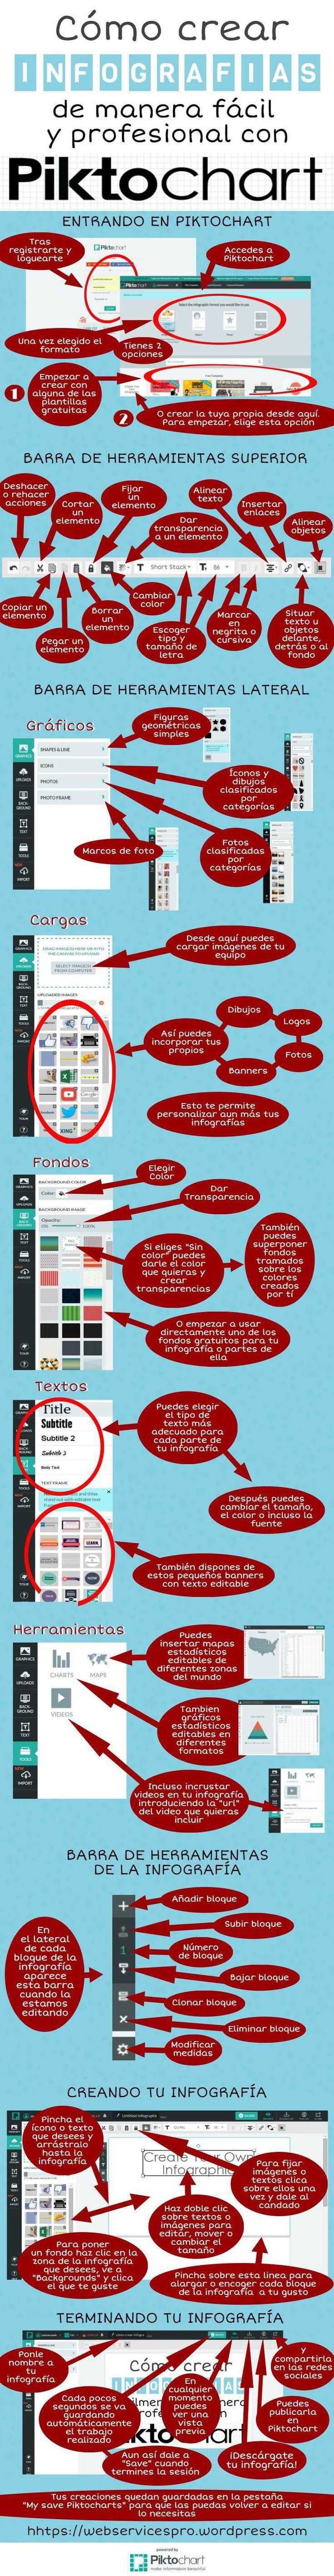 Cómo crear infografías con Piktochart #infografia #infographic #socialmedia   TICs y Formación